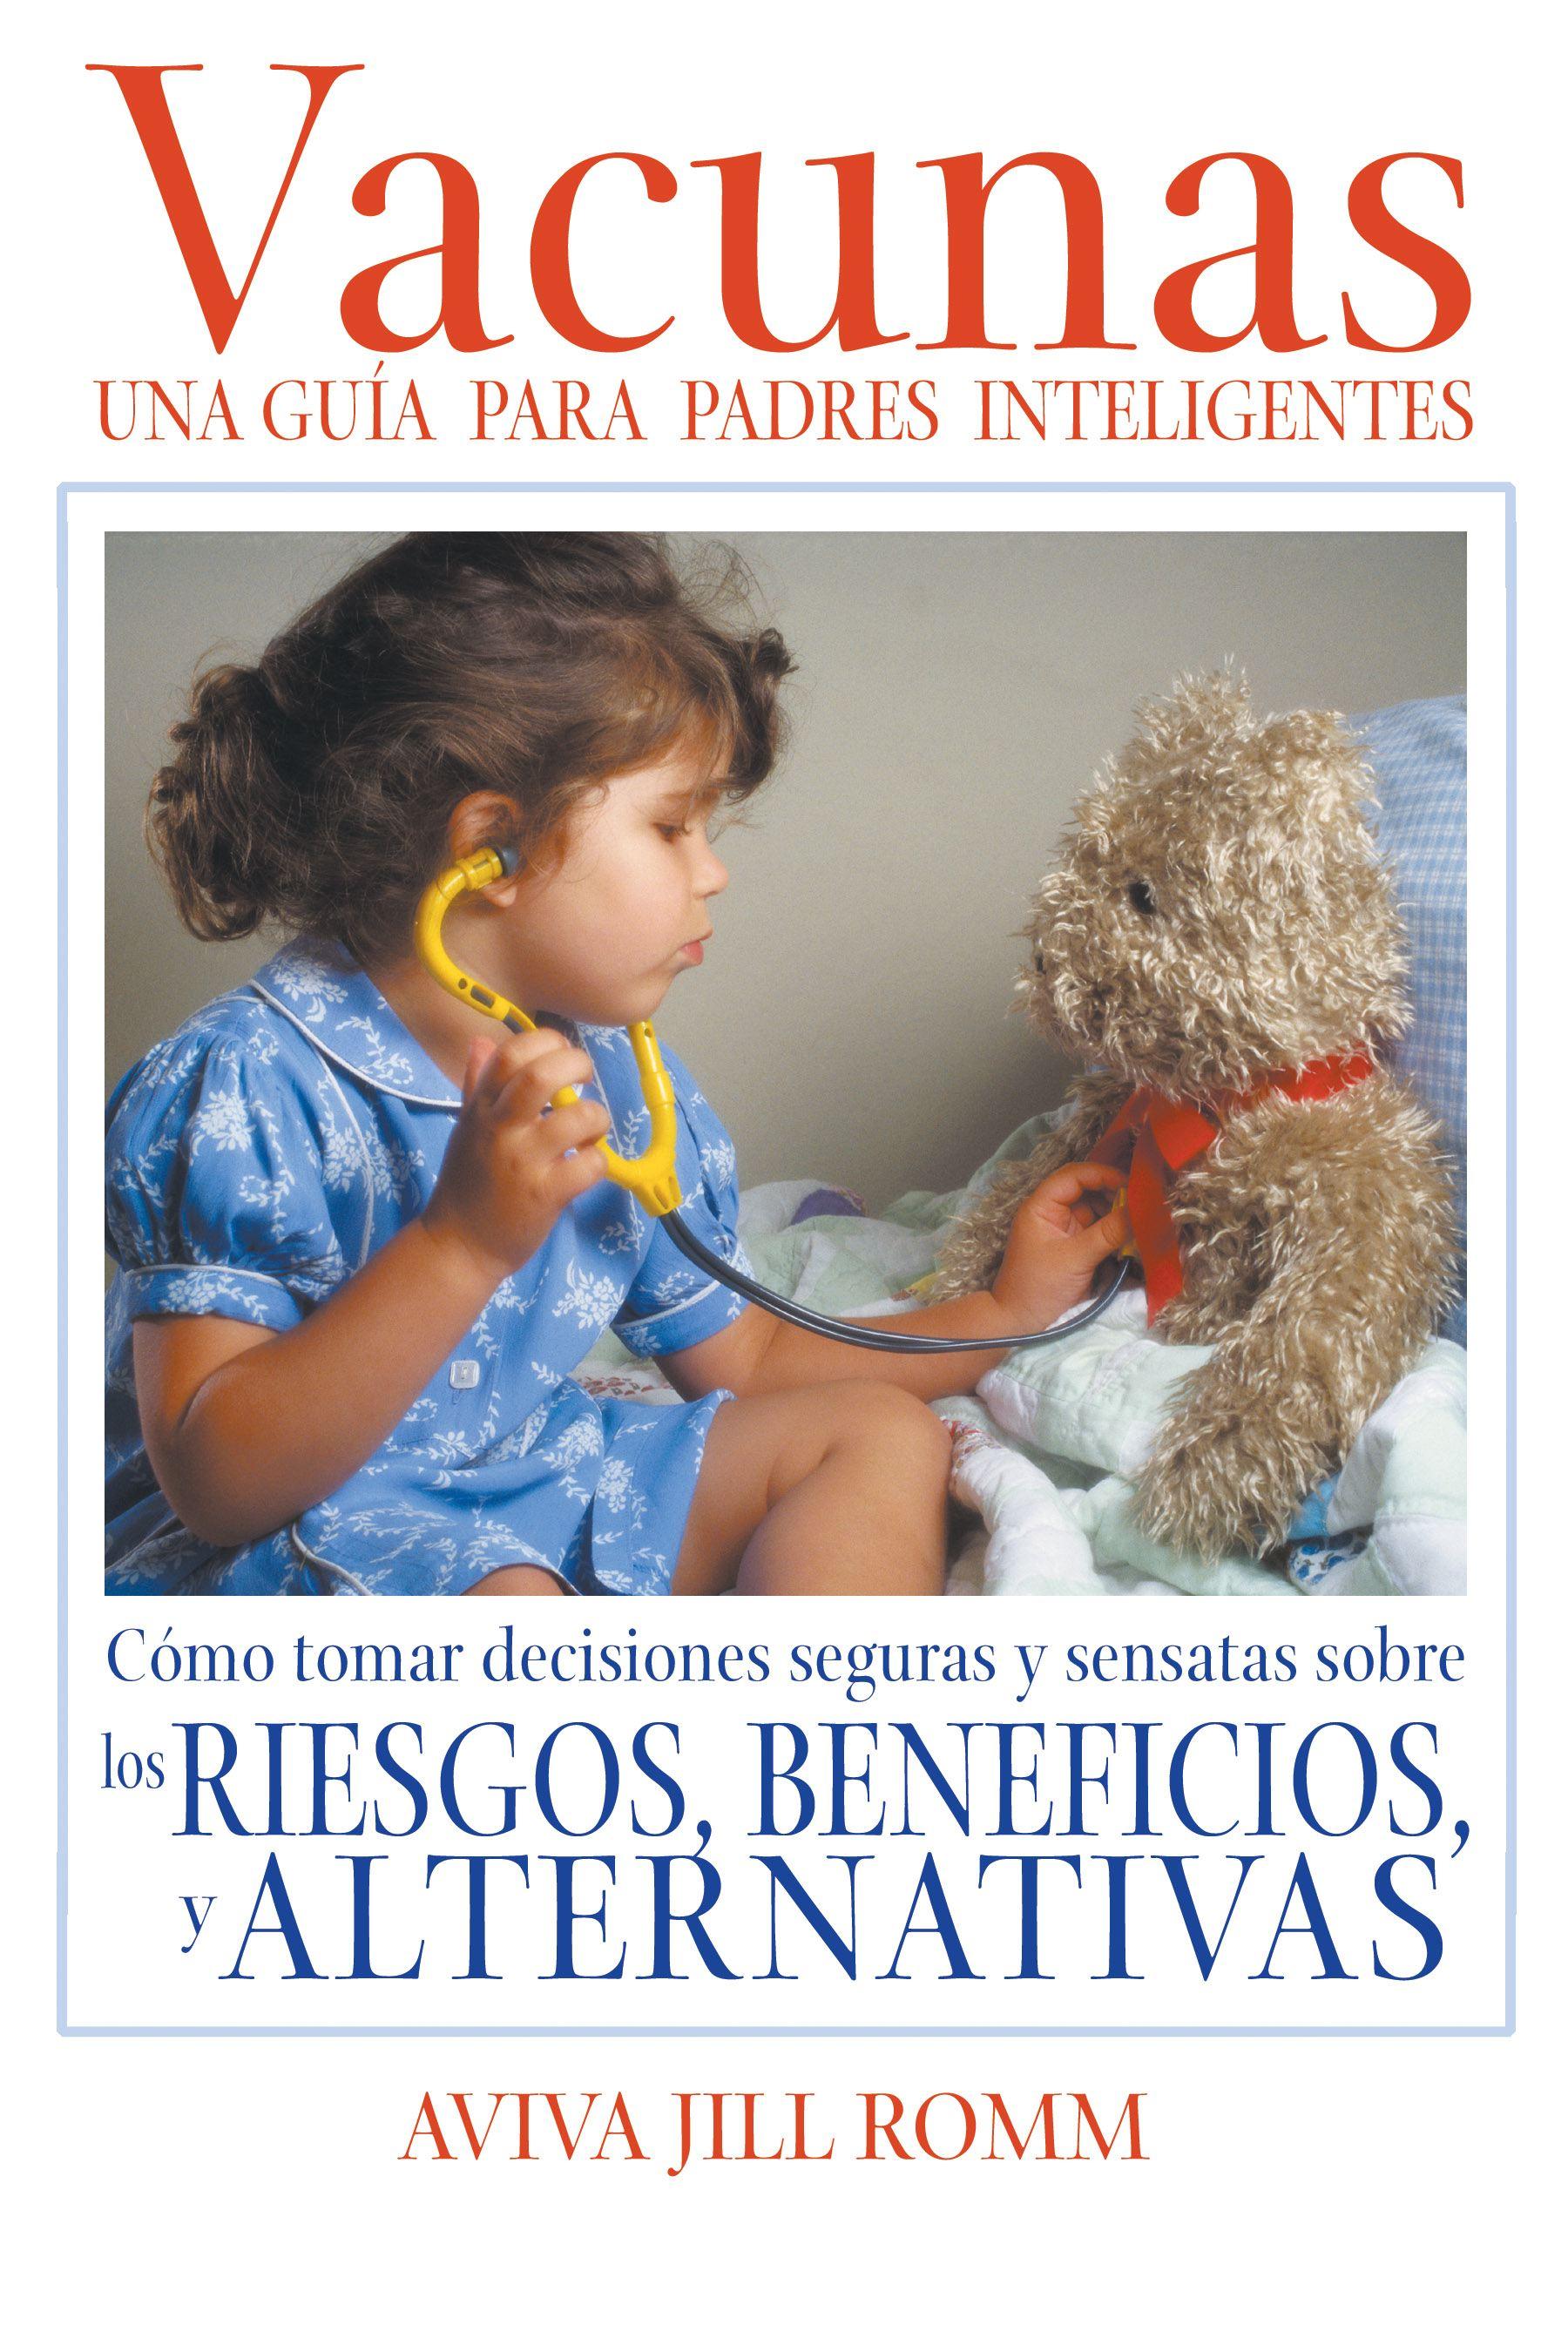 Vacunas una gui a para padres inteligentes 9781594770050 hr